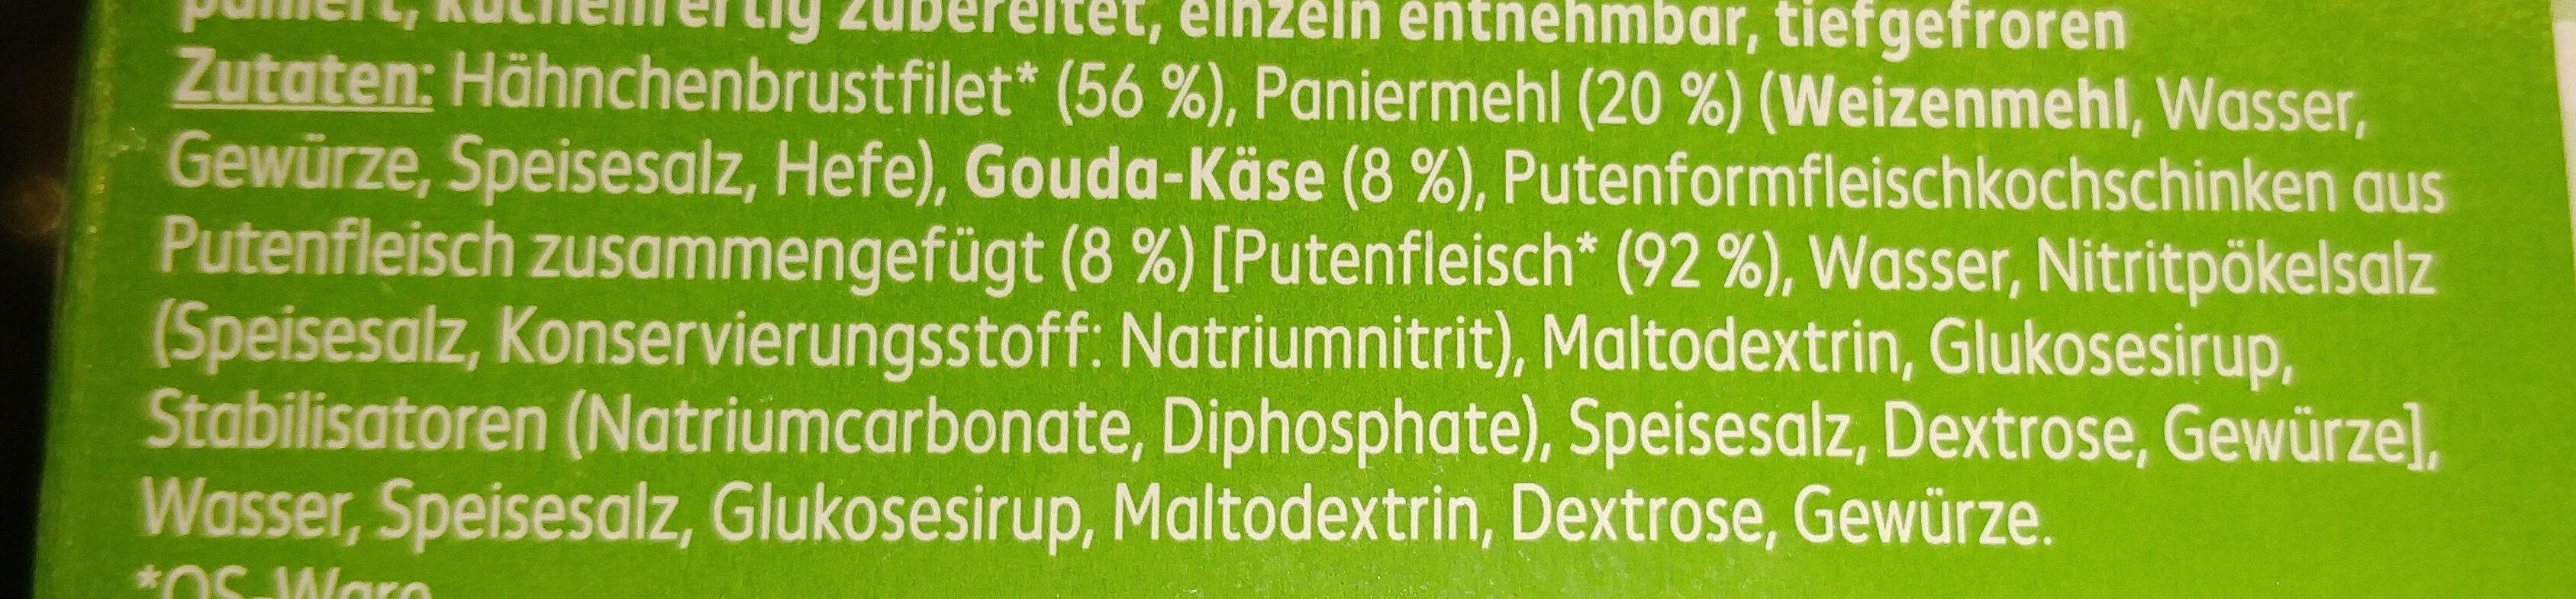 Hähnchen Corden Bleu - Ingrédients - de